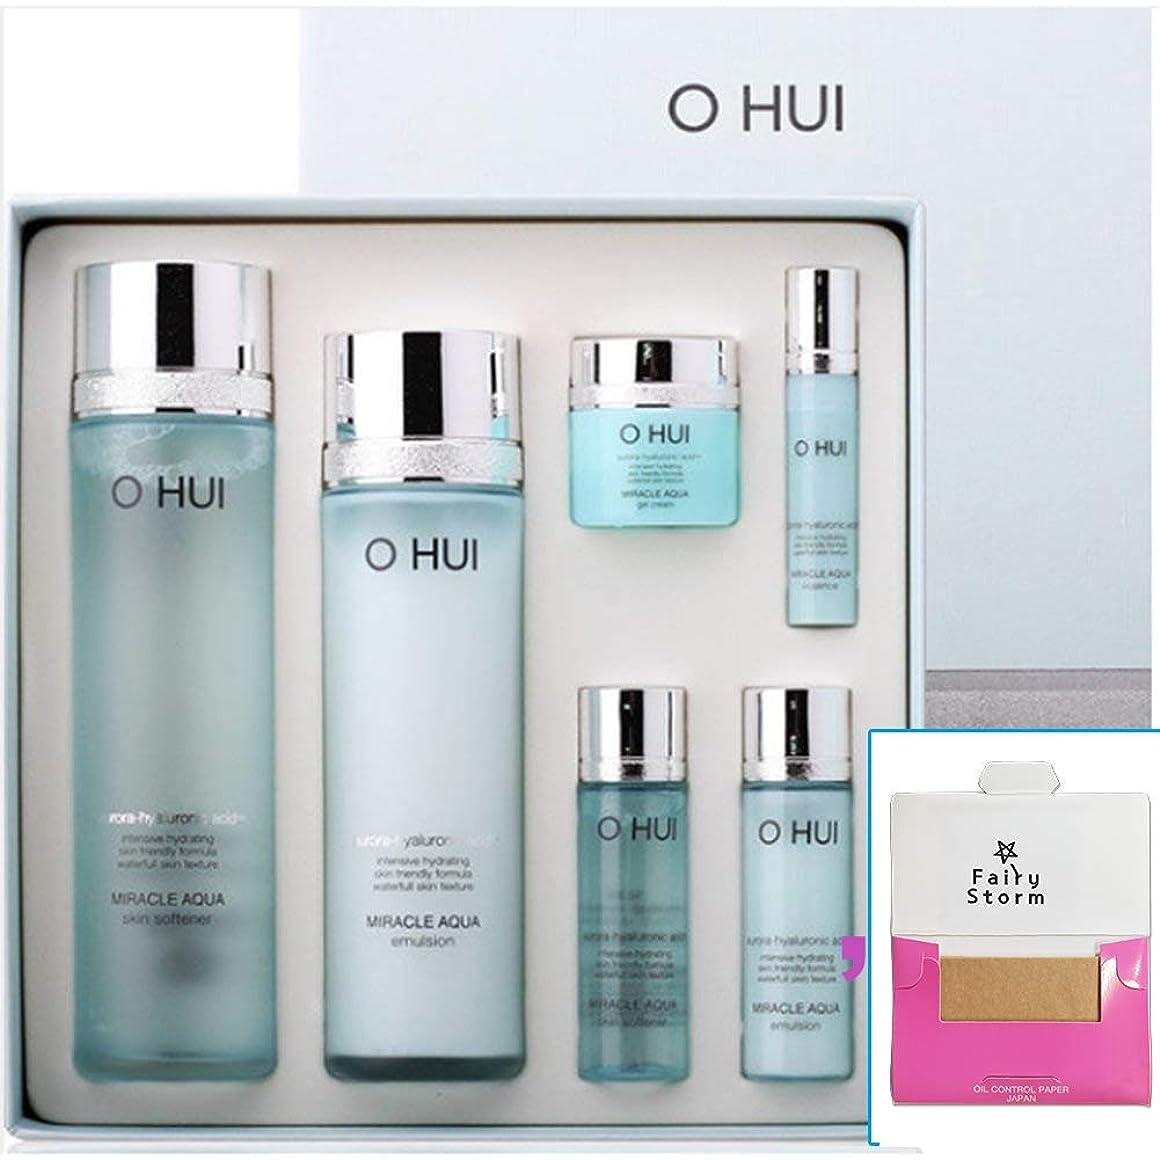 陰気くそー憲法[オフィ/O HUI]韓国化粧品LG生活健康/O HUI MIRACLE AQUA SPECIAL 2EA SET/ミラクルアクア 2種セット+[Sample Gift](海外直送品)